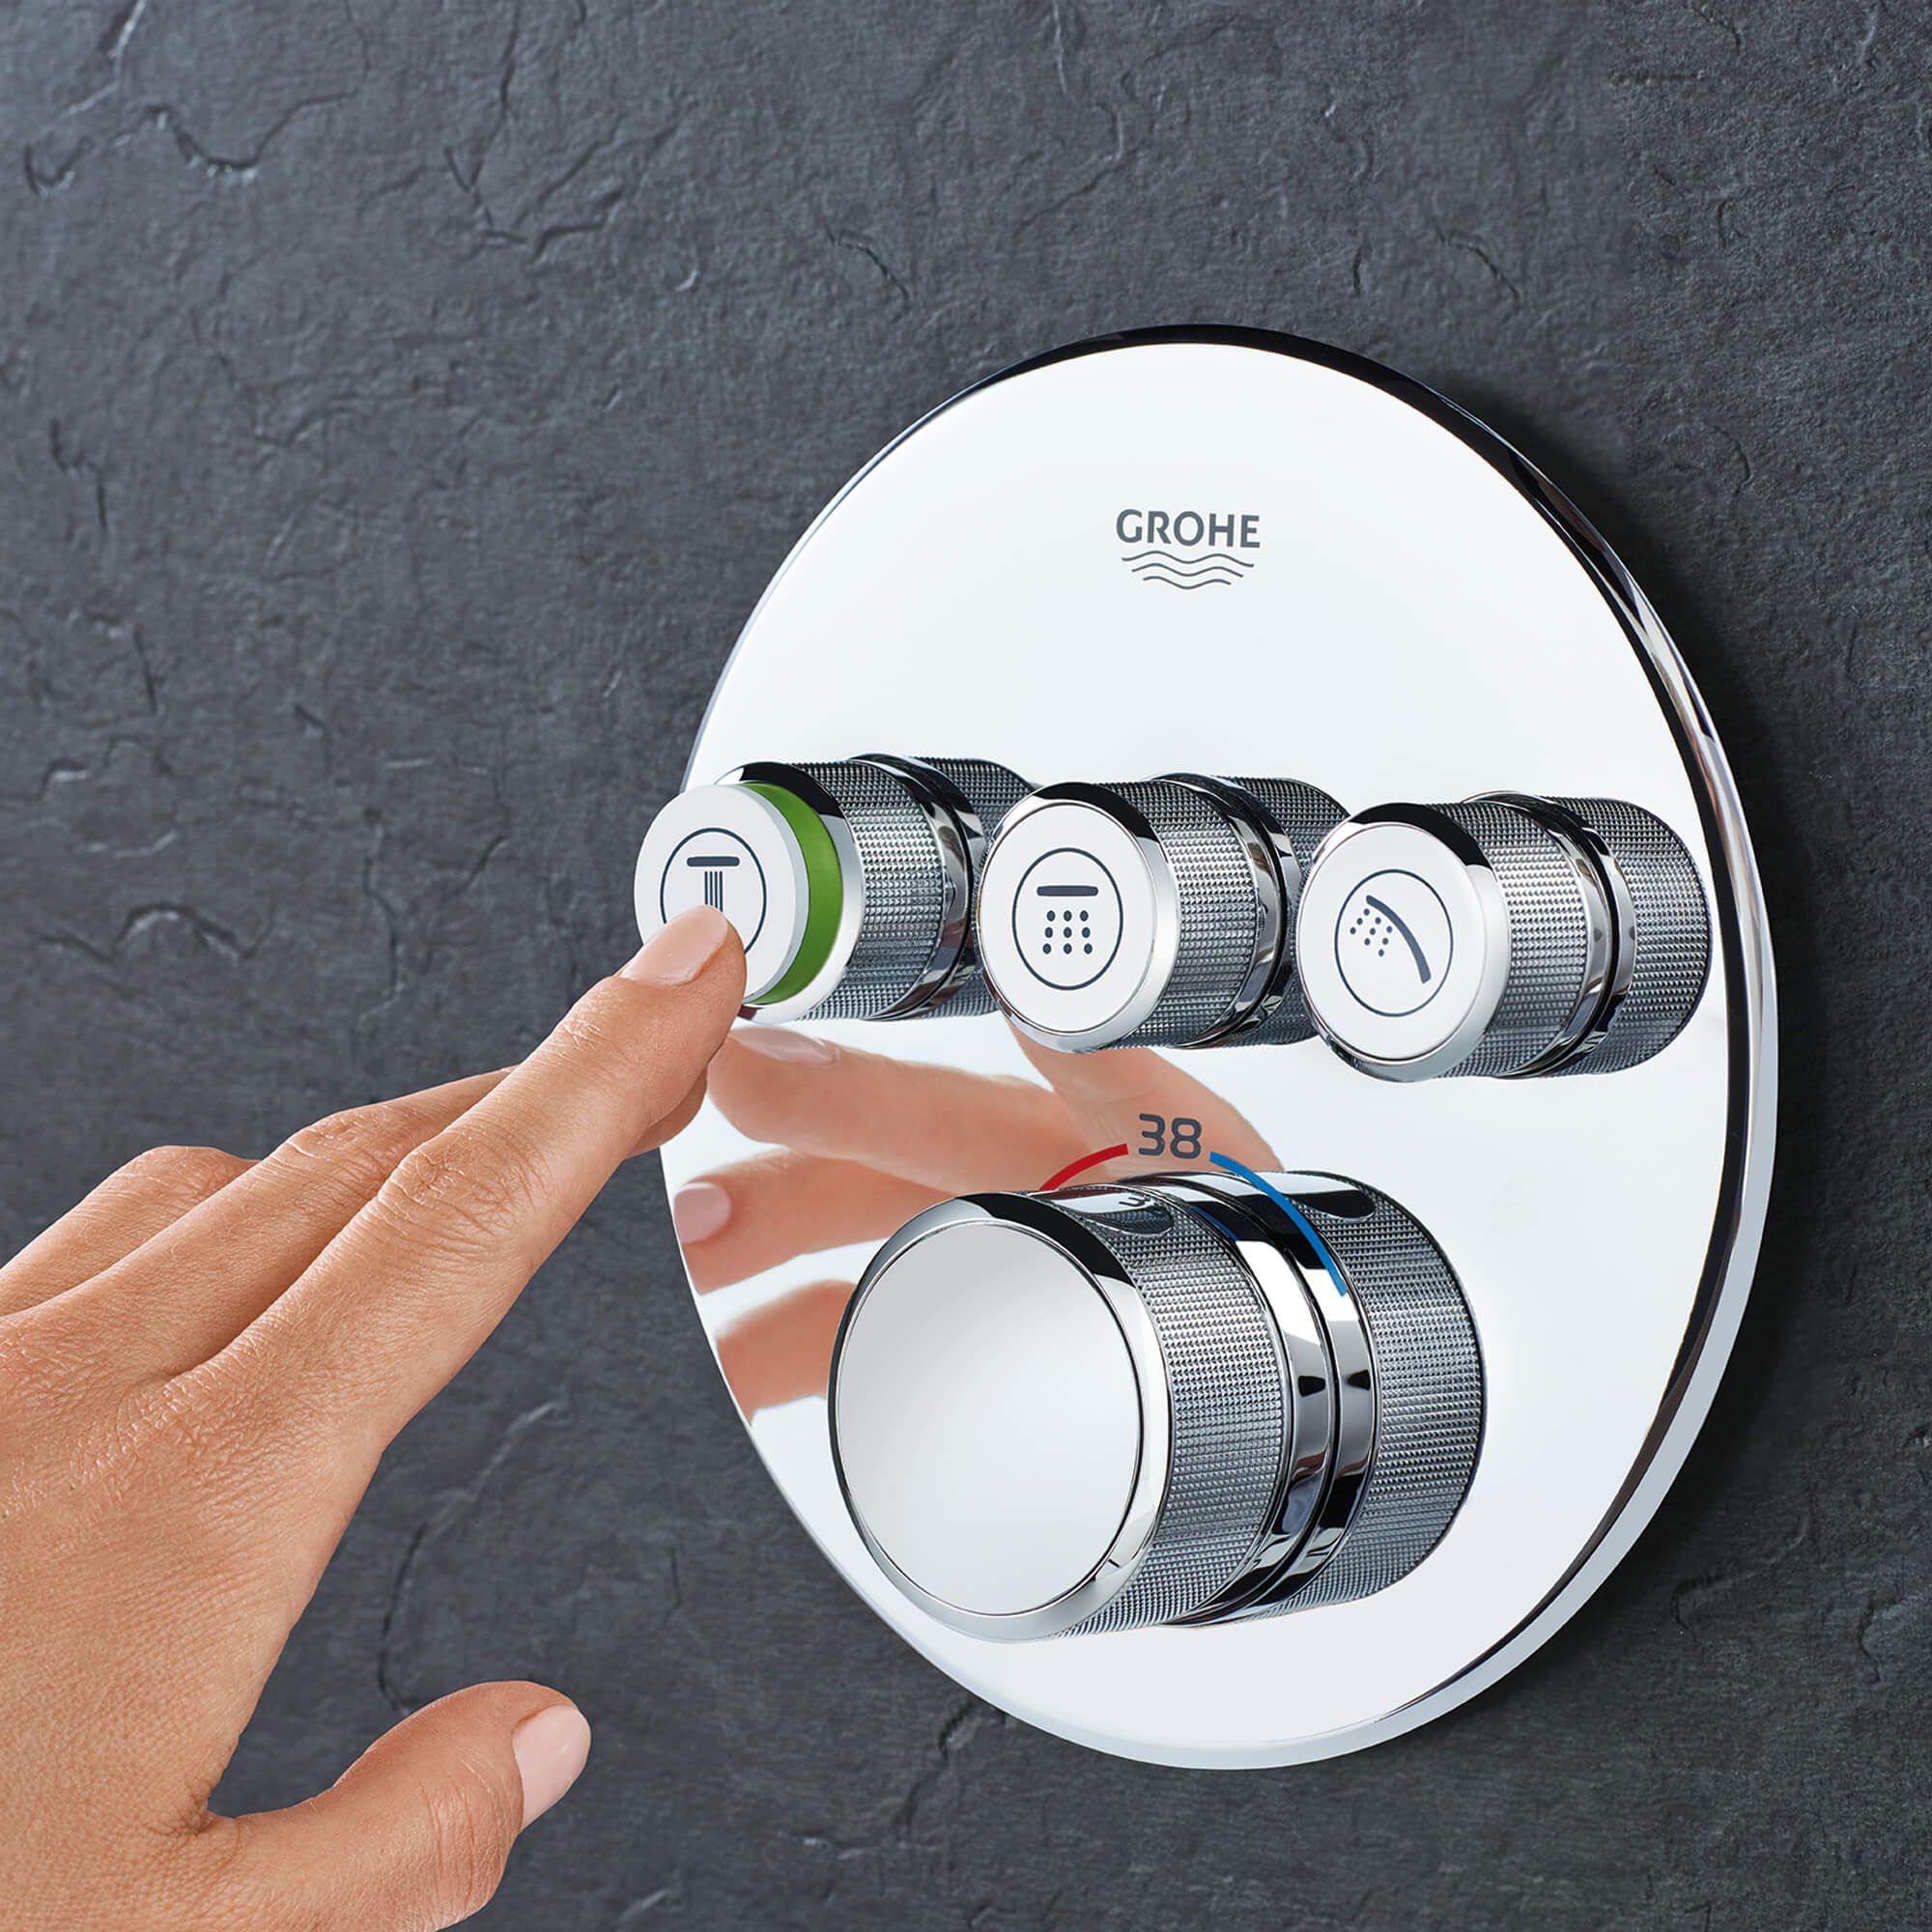 personne poussant bouton pour GROHE Smart Control